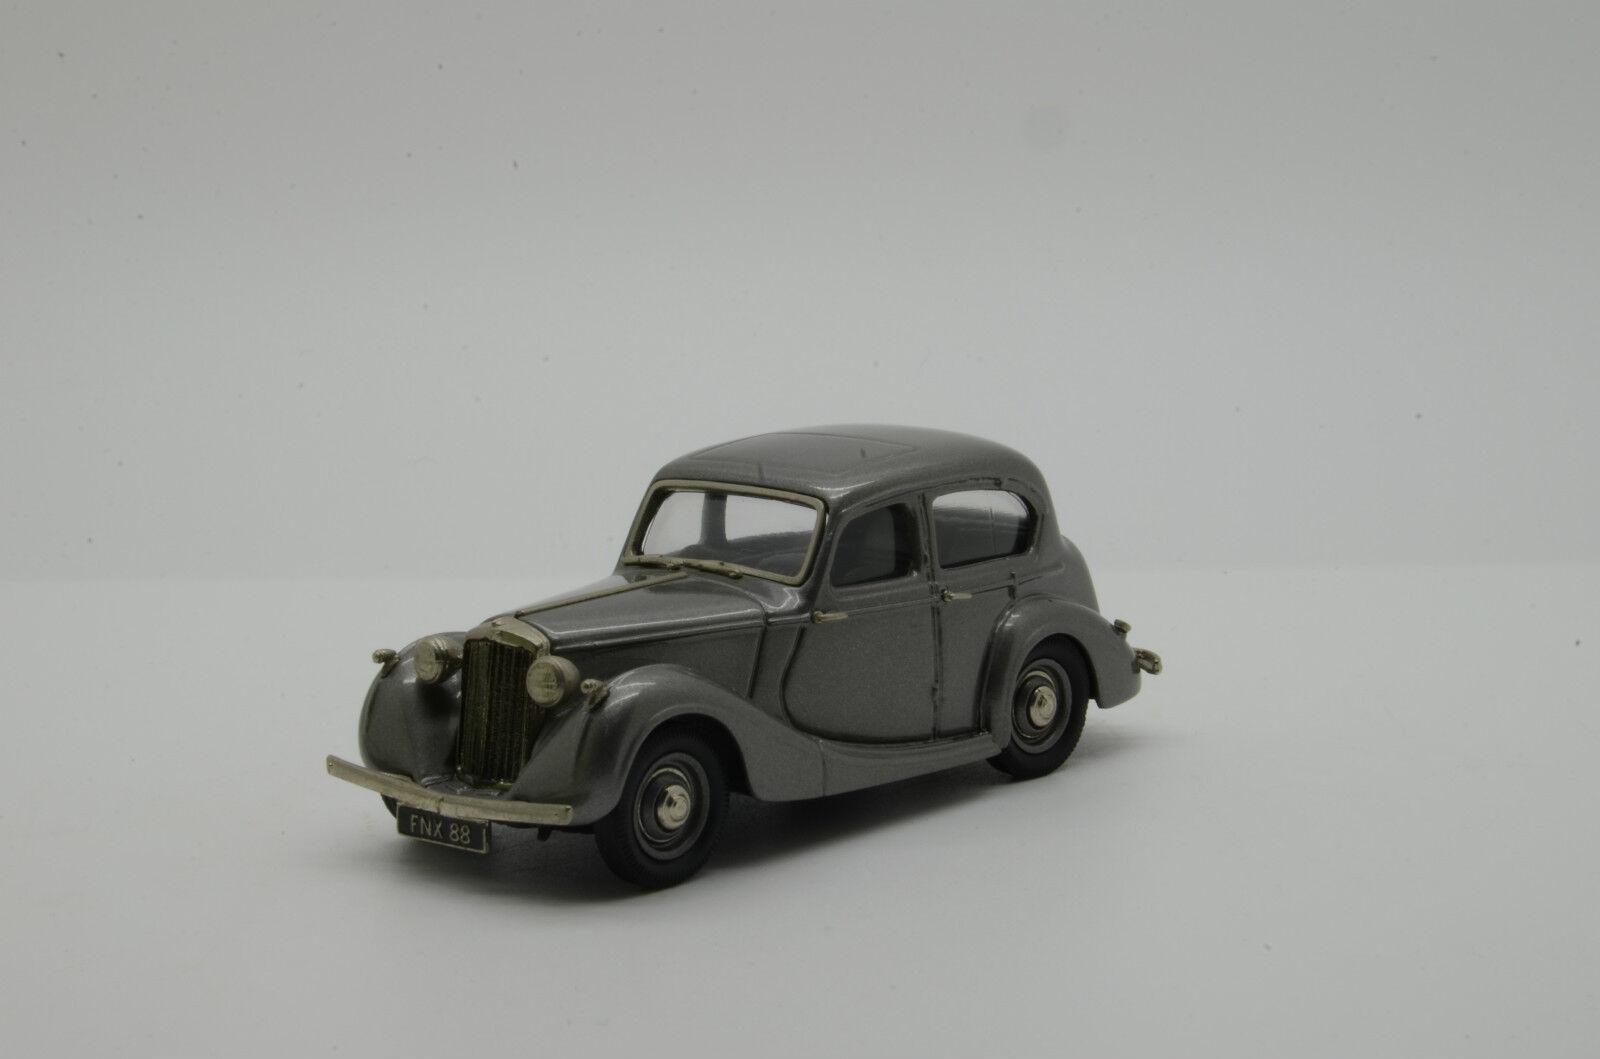 más orden Raro  Sunbeam-Talbot diez diez diez 1945 Lansdowne Ldm. 46 por Brooklin 1 43  diseños exclusivos